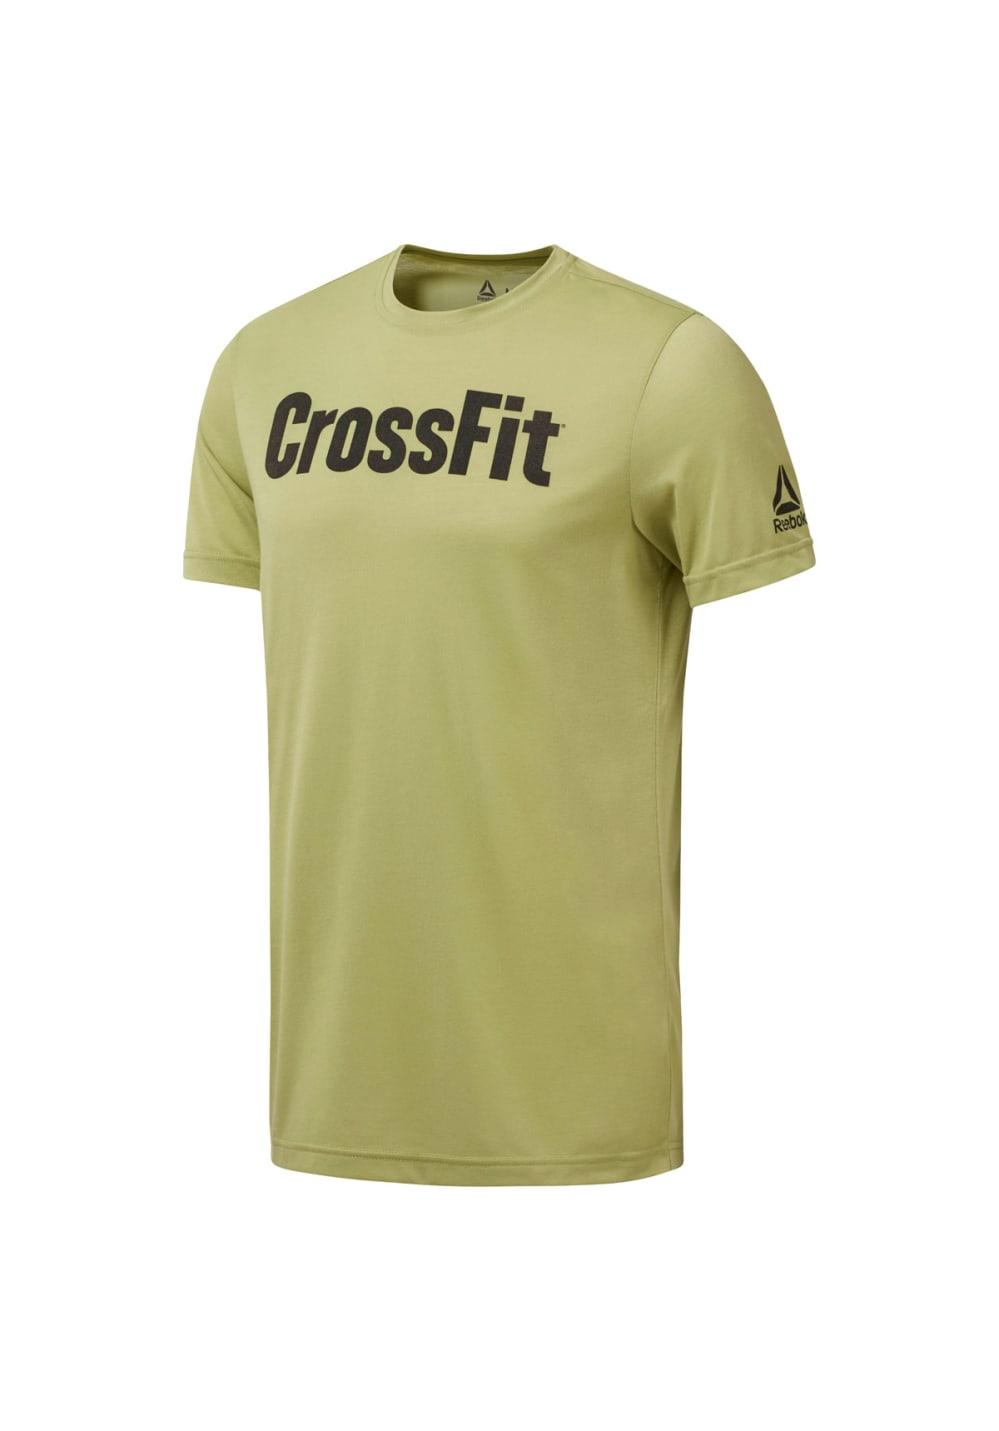 Reebok Crossfit Speedwick F.e.f. Graphic Tee - Fitnessshirts für Herren - Grün